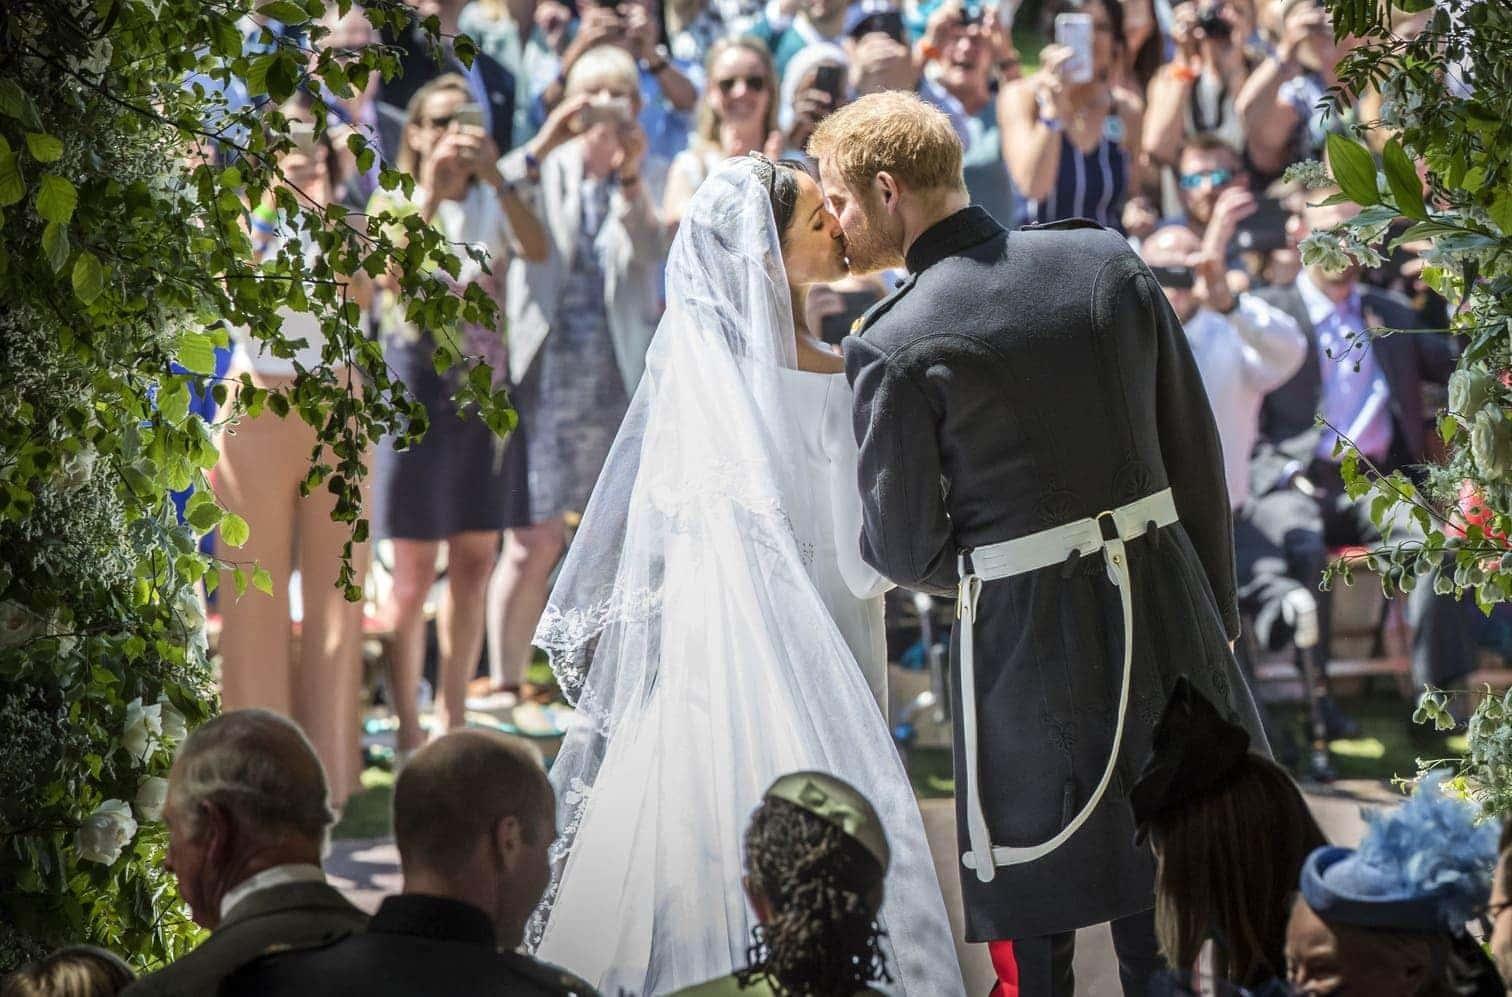 <p>Am 6. Juli ist Internationaler Tag des Kusses und es gibt wohl kein schöneres Thema für einen Artikel als romantische Lippenbekenntnisse. Wir starten mit Prinz Harry und seiner Meghan